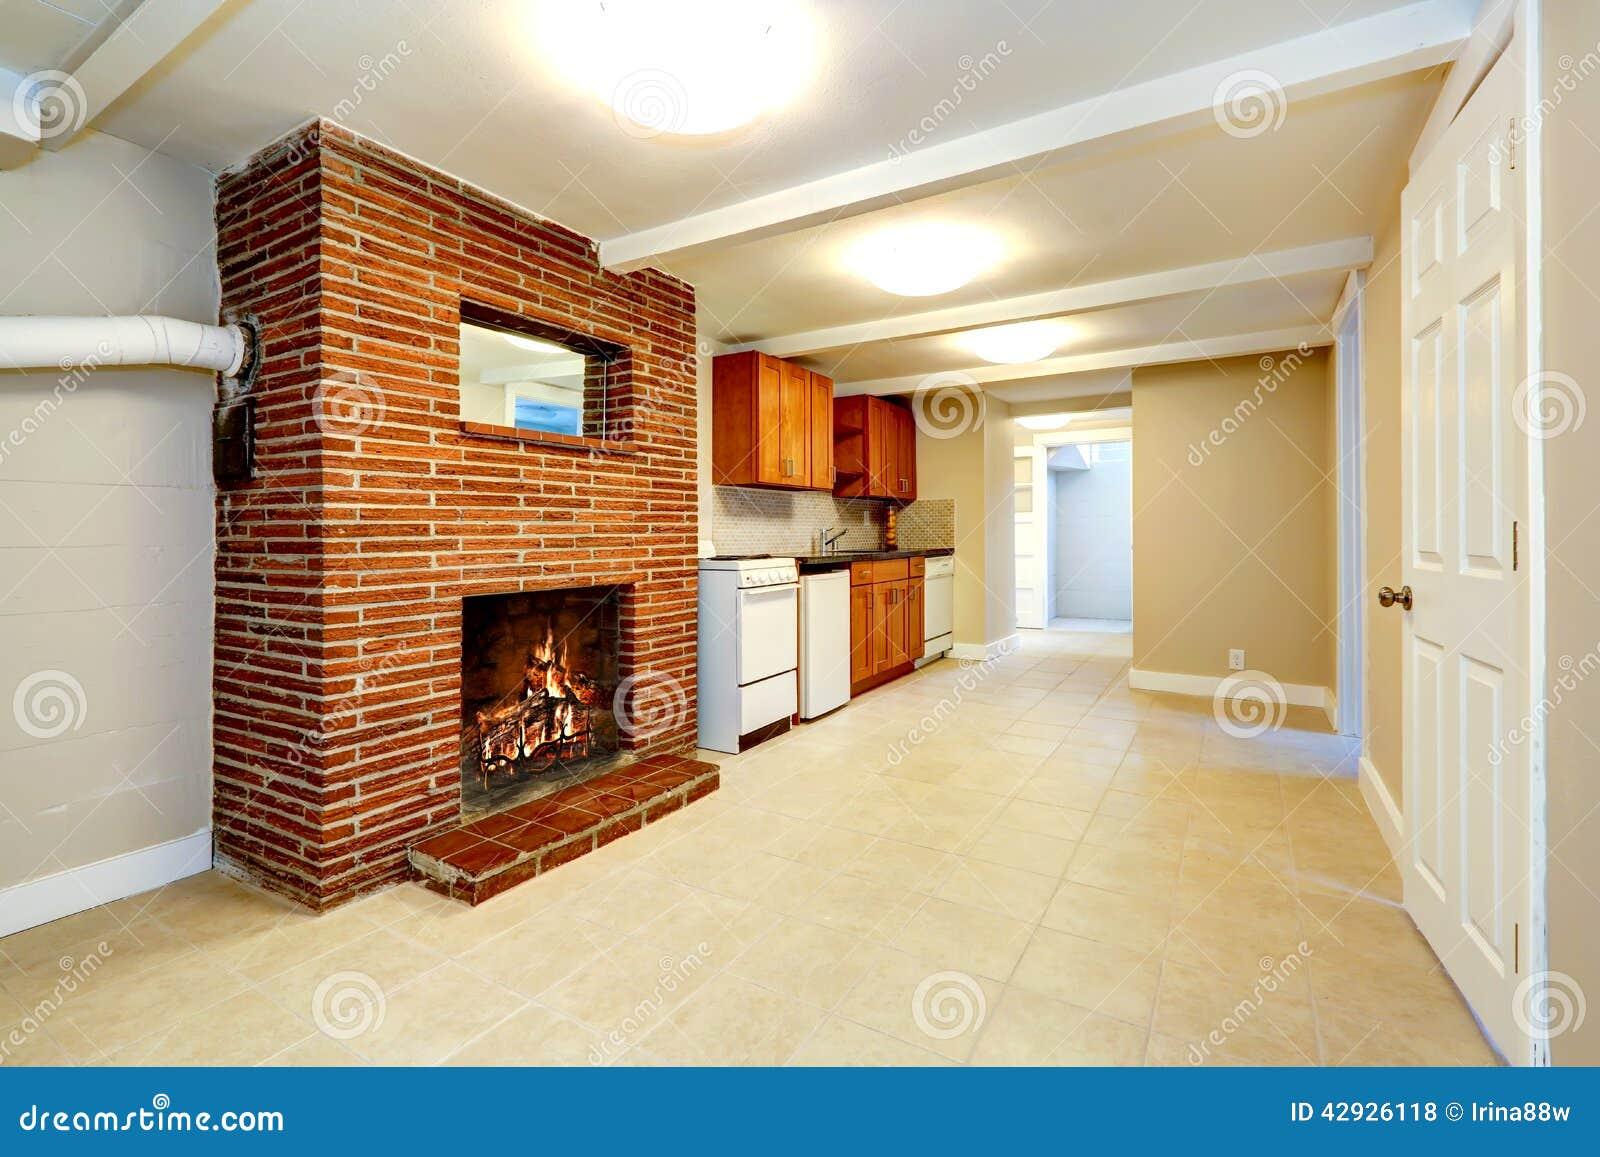 Cheminee En Brique 6 Cheminee En Brique A Foyer Ouvert Owhfg Com # Mur De Brique Avec Foyer